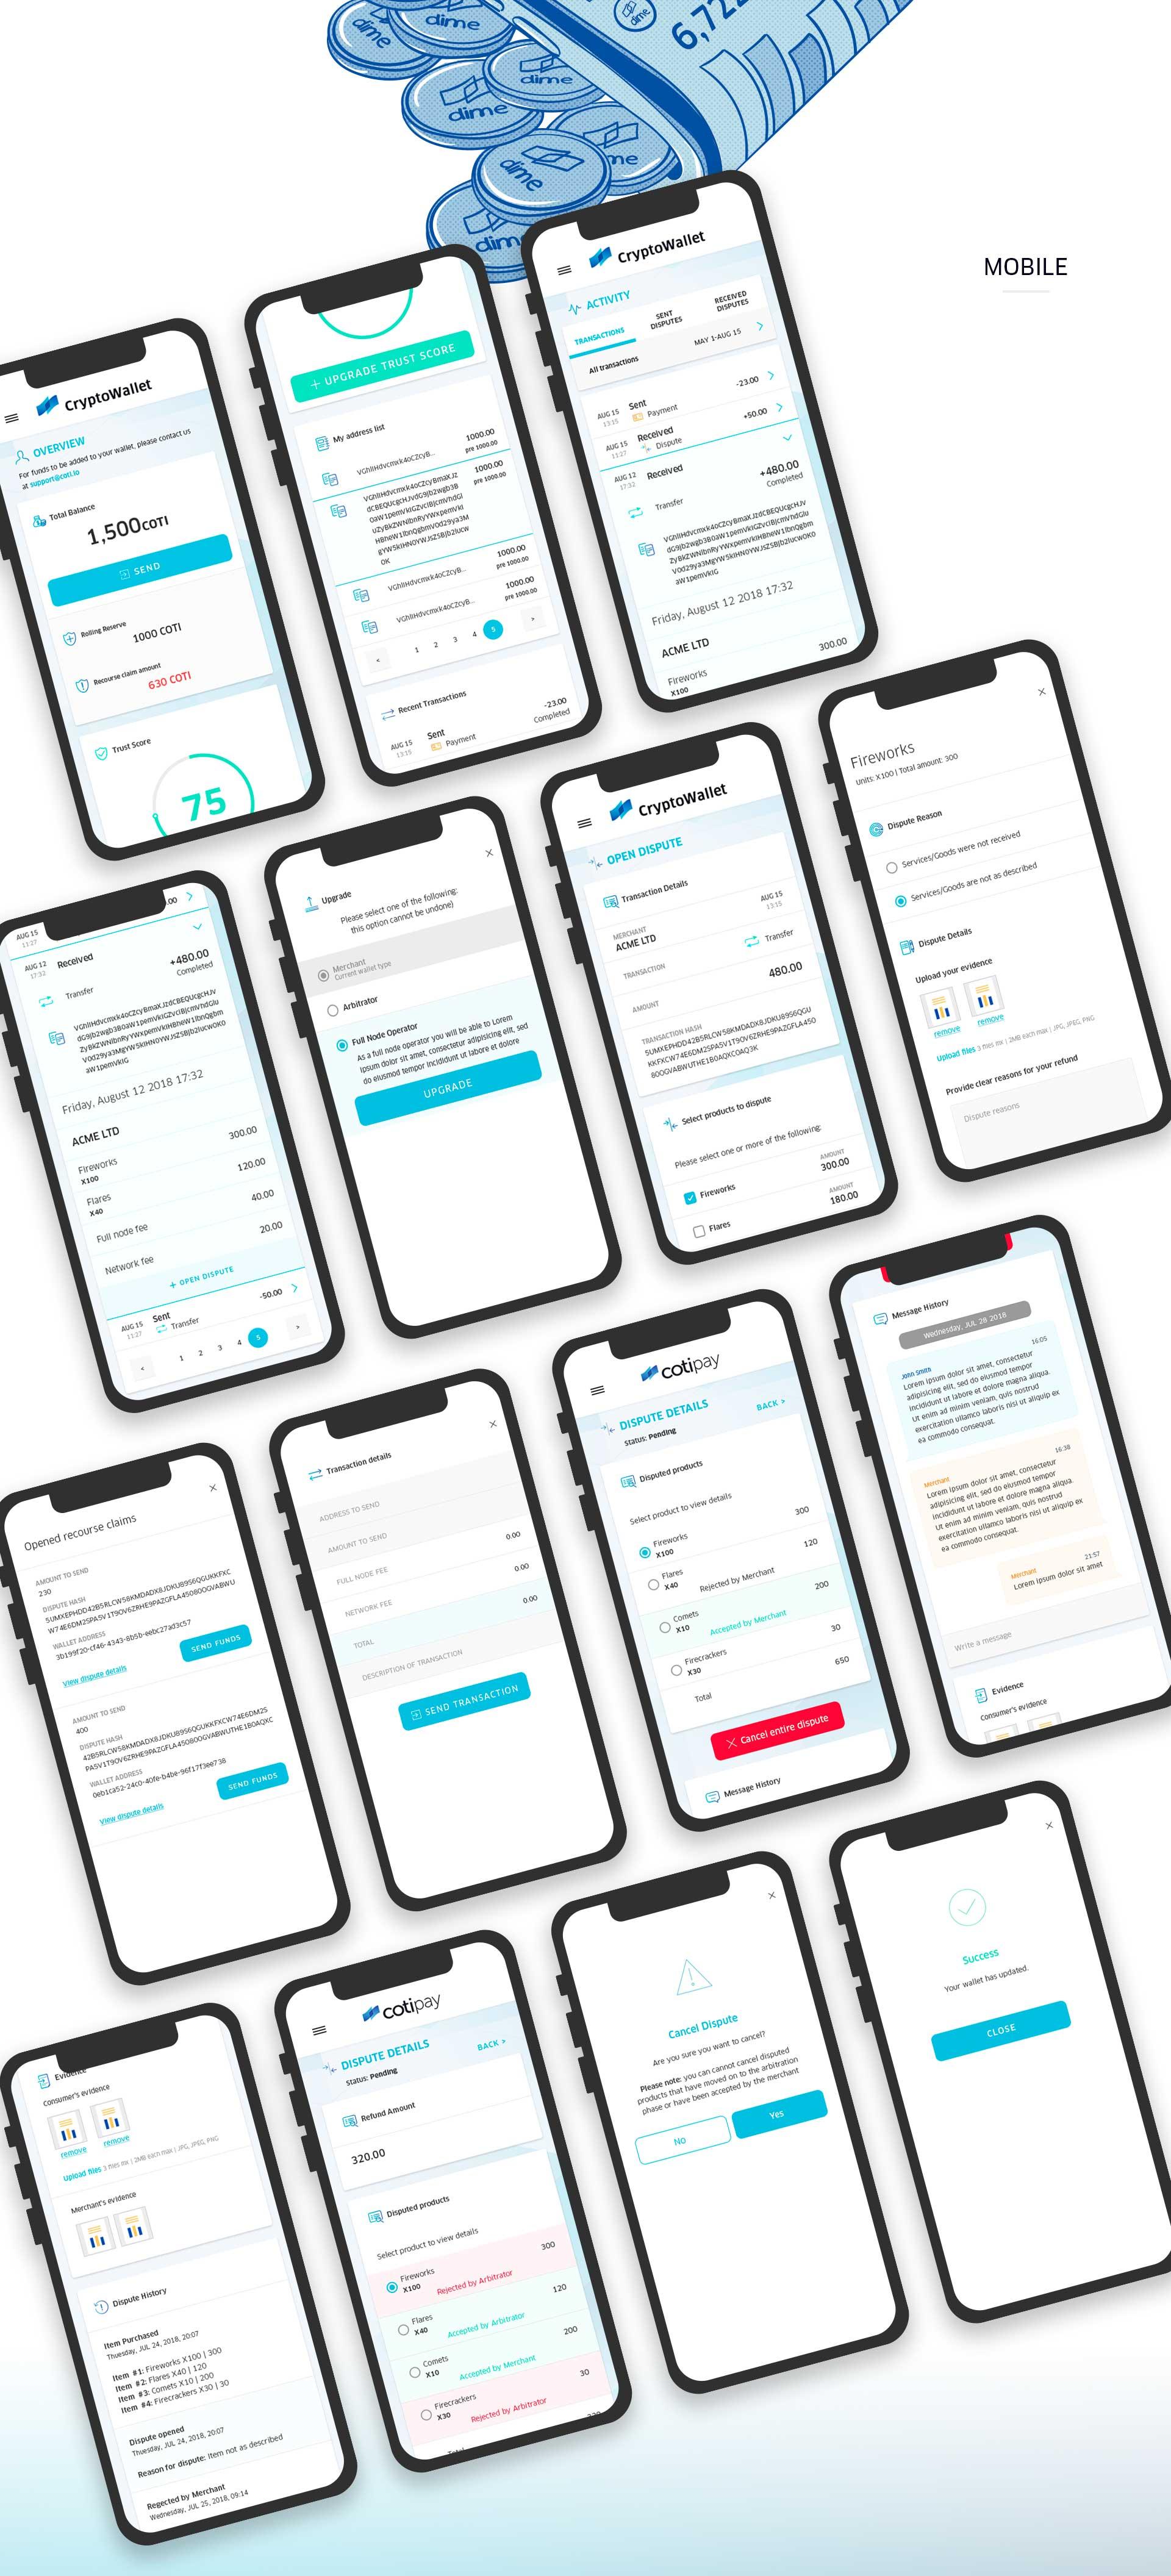 UI & UX for digital crypto currency wallet by COTI תכנון חוויית משתמש ועיצוב ממשק משתמש לארנק דיגיטלי קריפטו 5